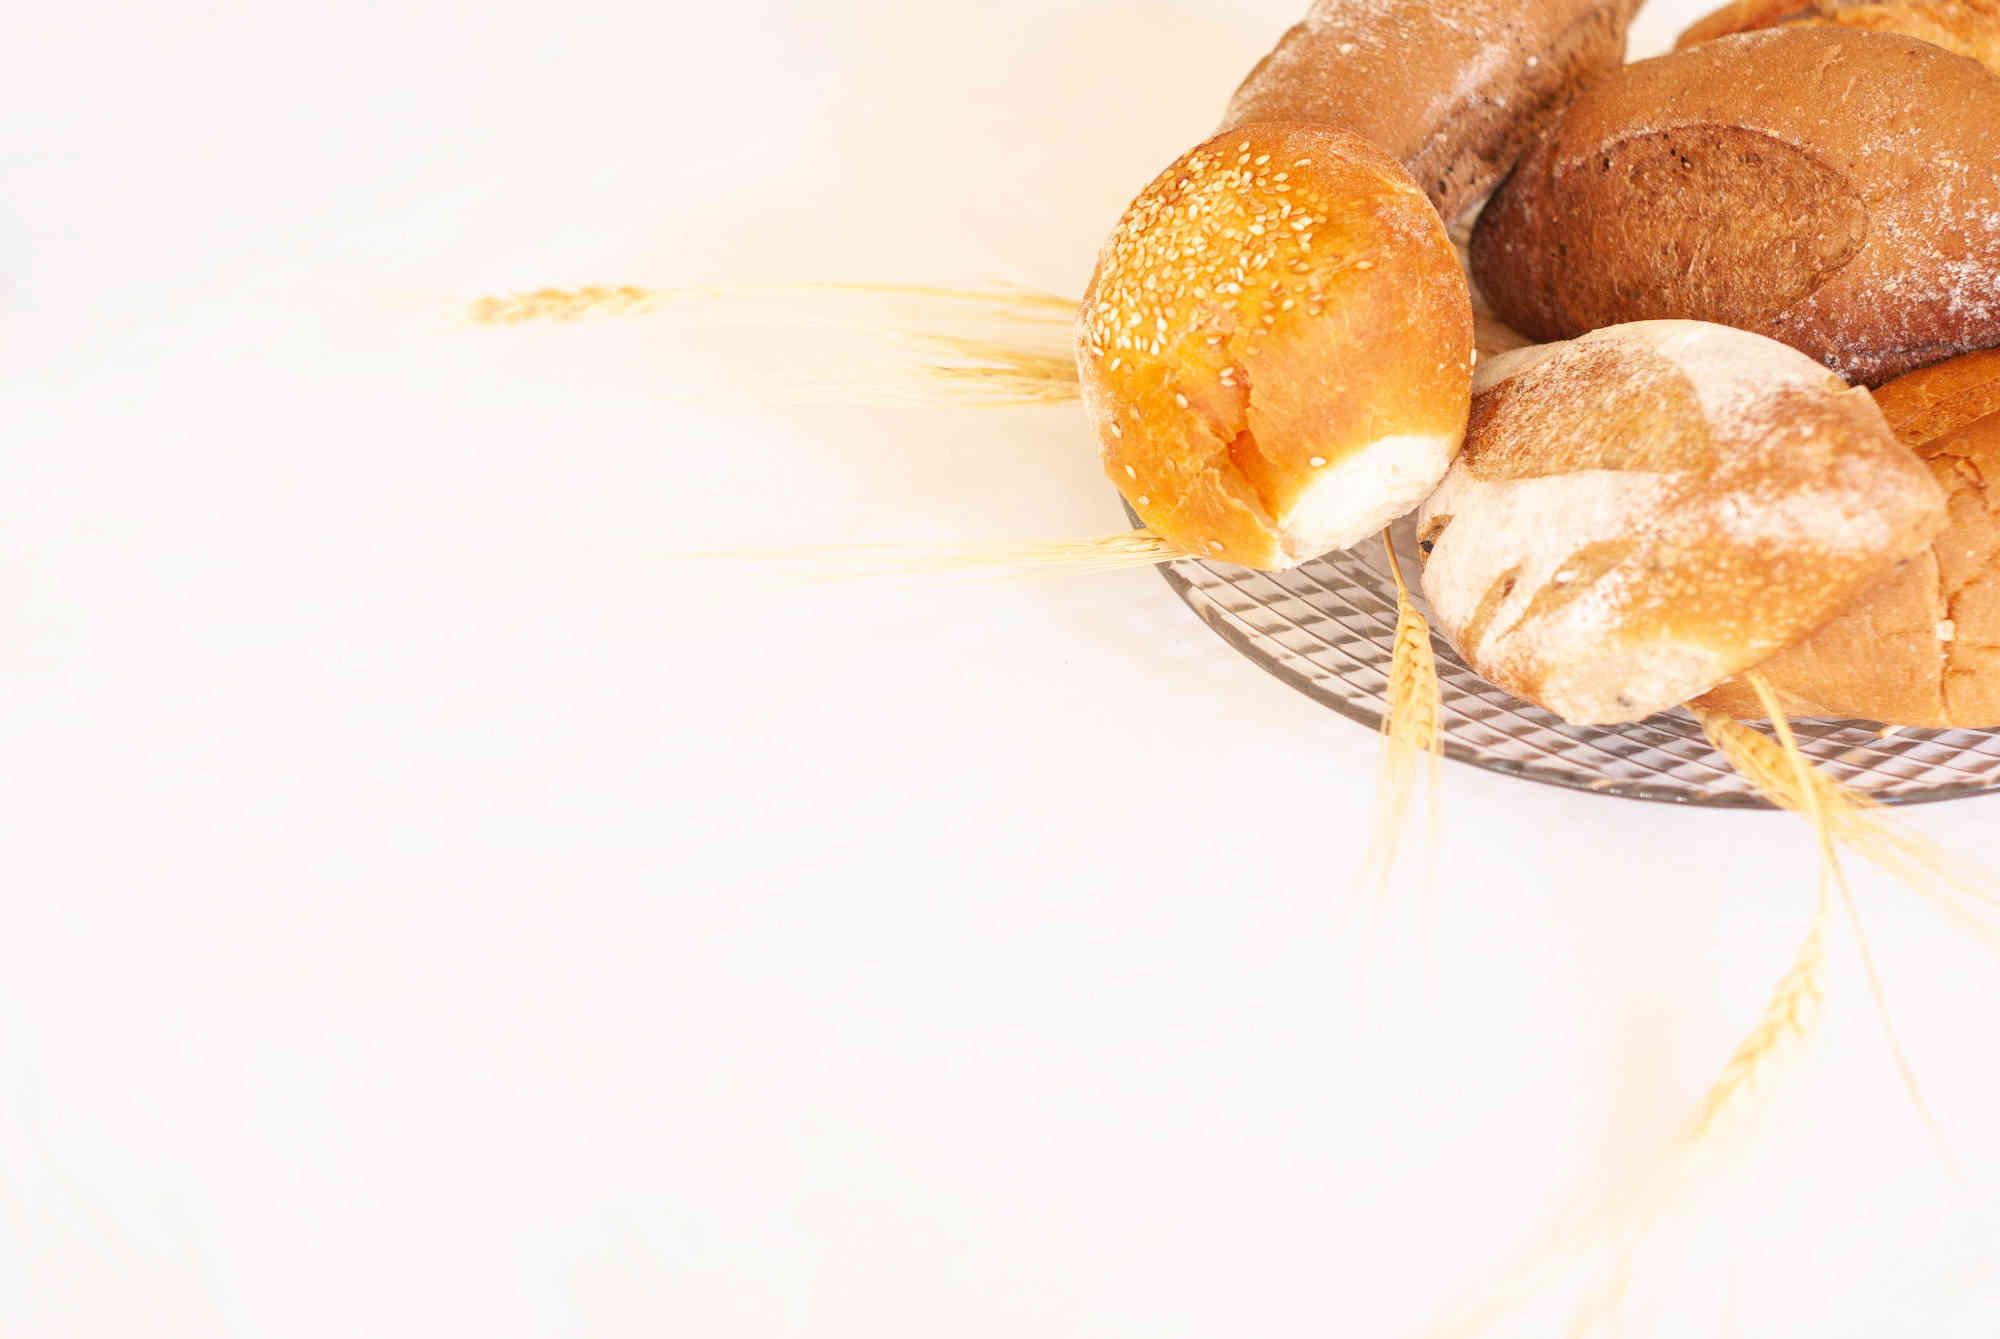 Le risque de maladie cœliaque chez les enfants est lié à la quantité de gluten consommée